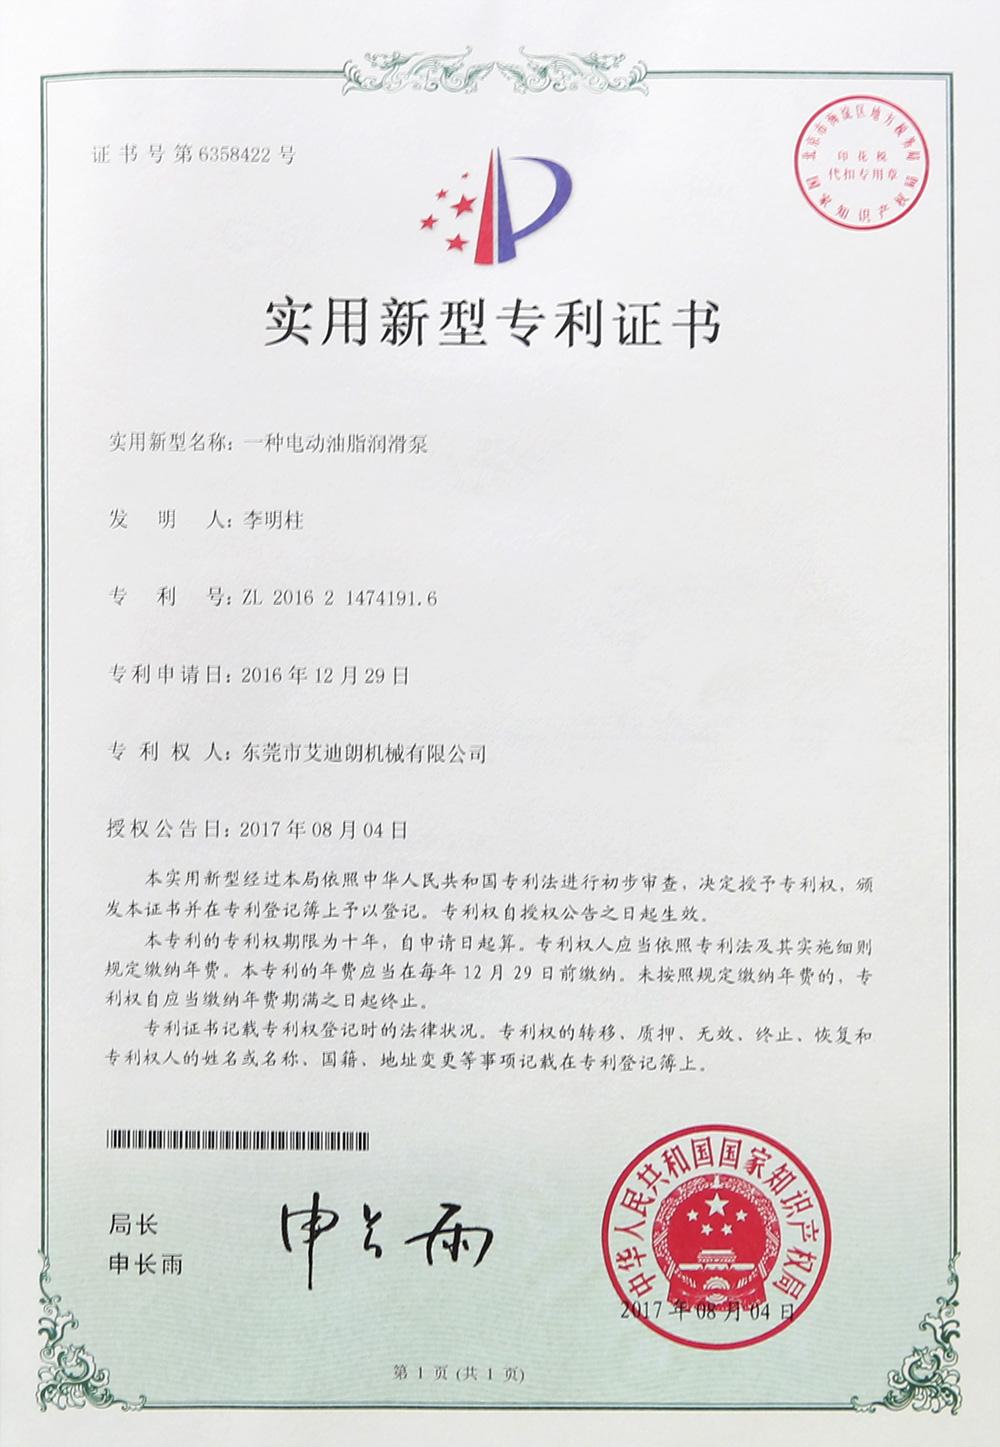 技术专利 (2)